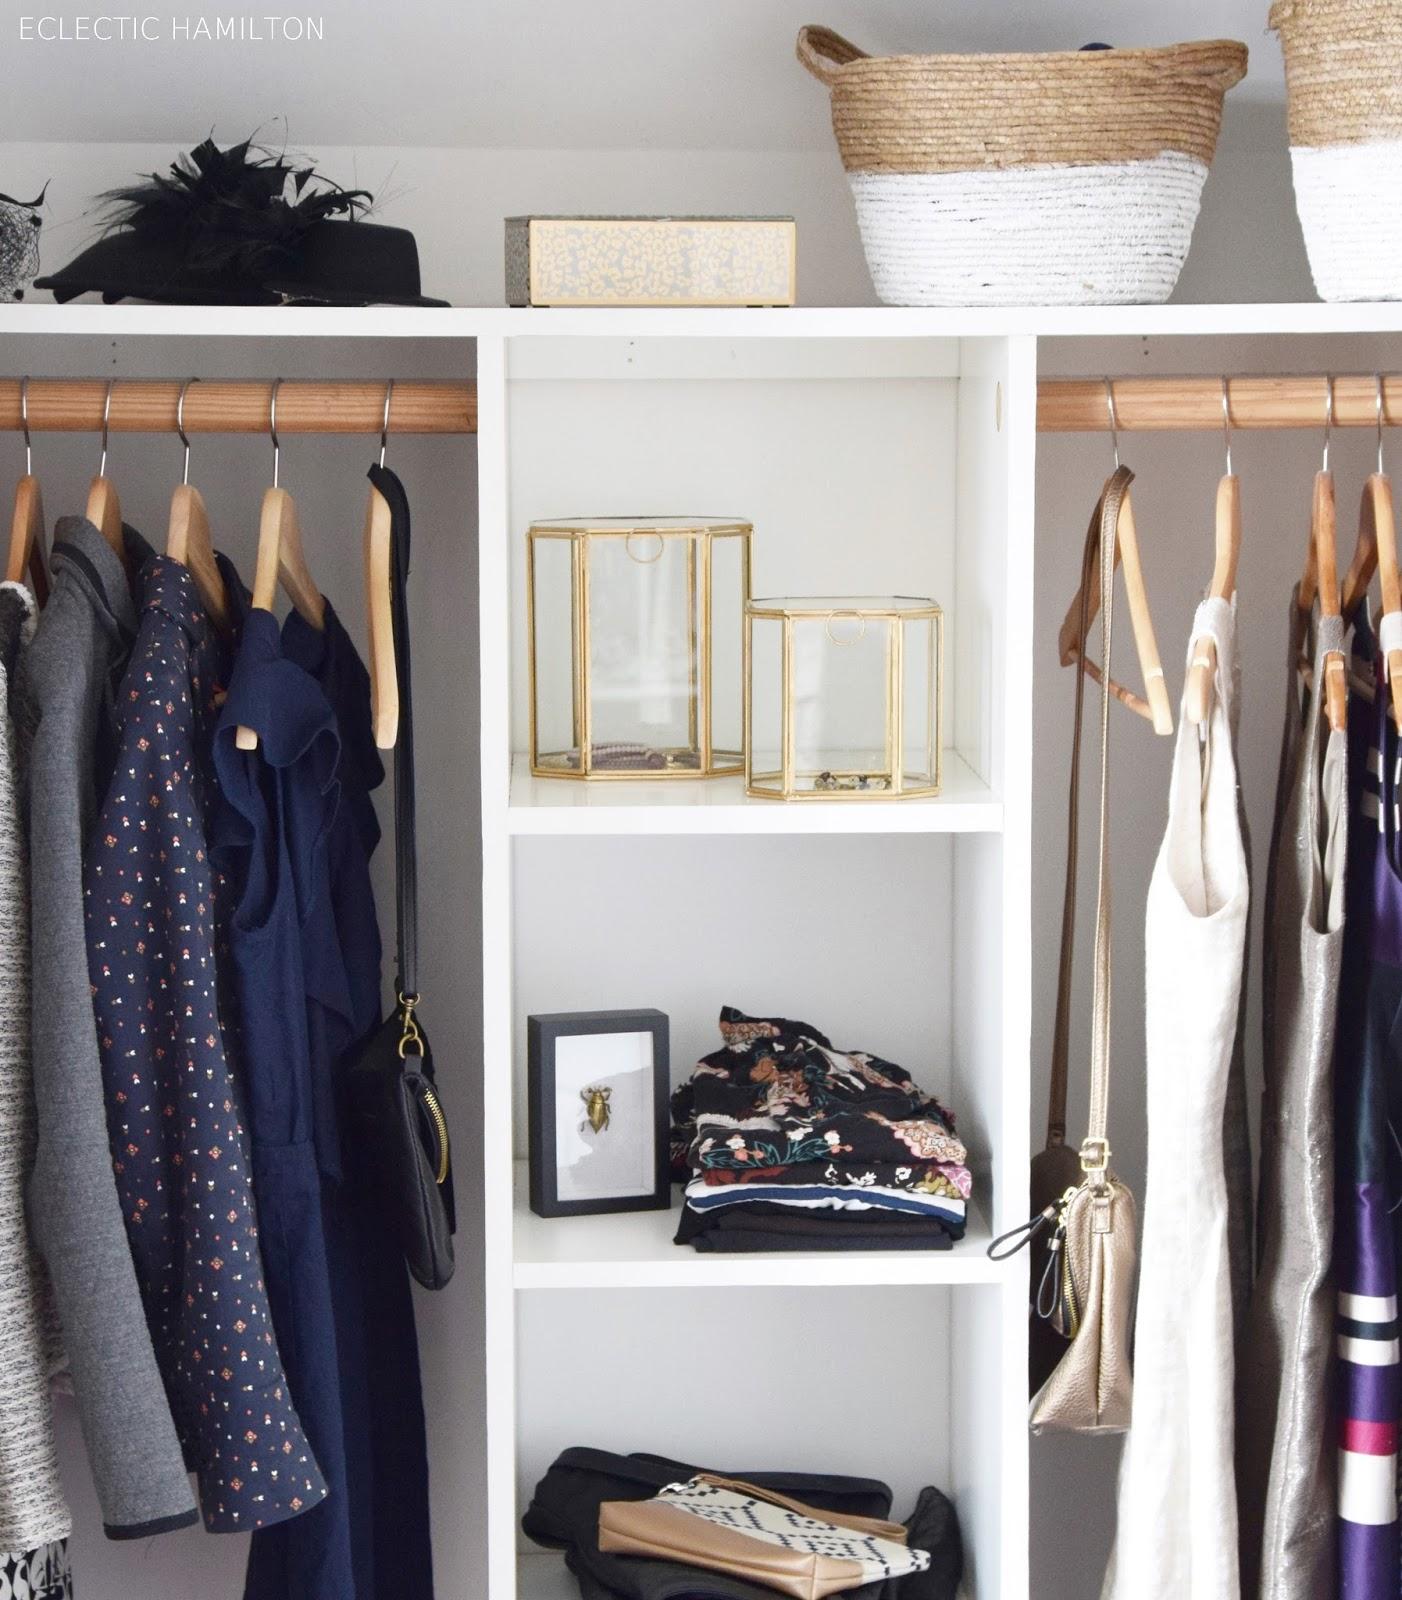 wandschrank wandschränke einteilung schlafzimmer bedroom closet schlafzimmerschrank